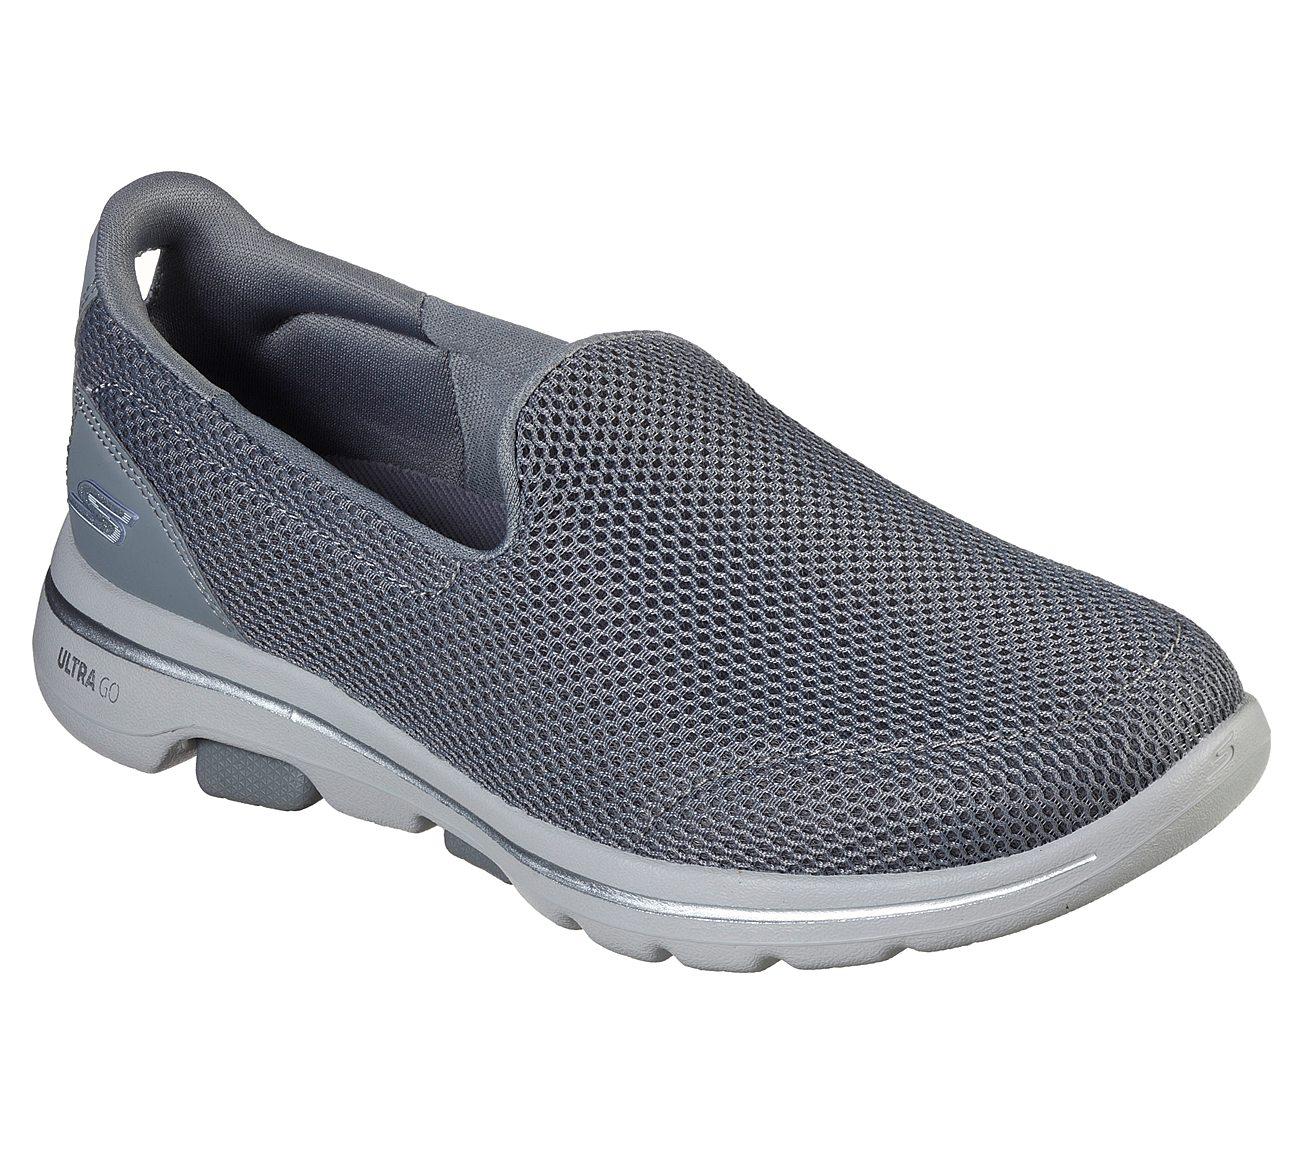 Skechers GOwalk 5